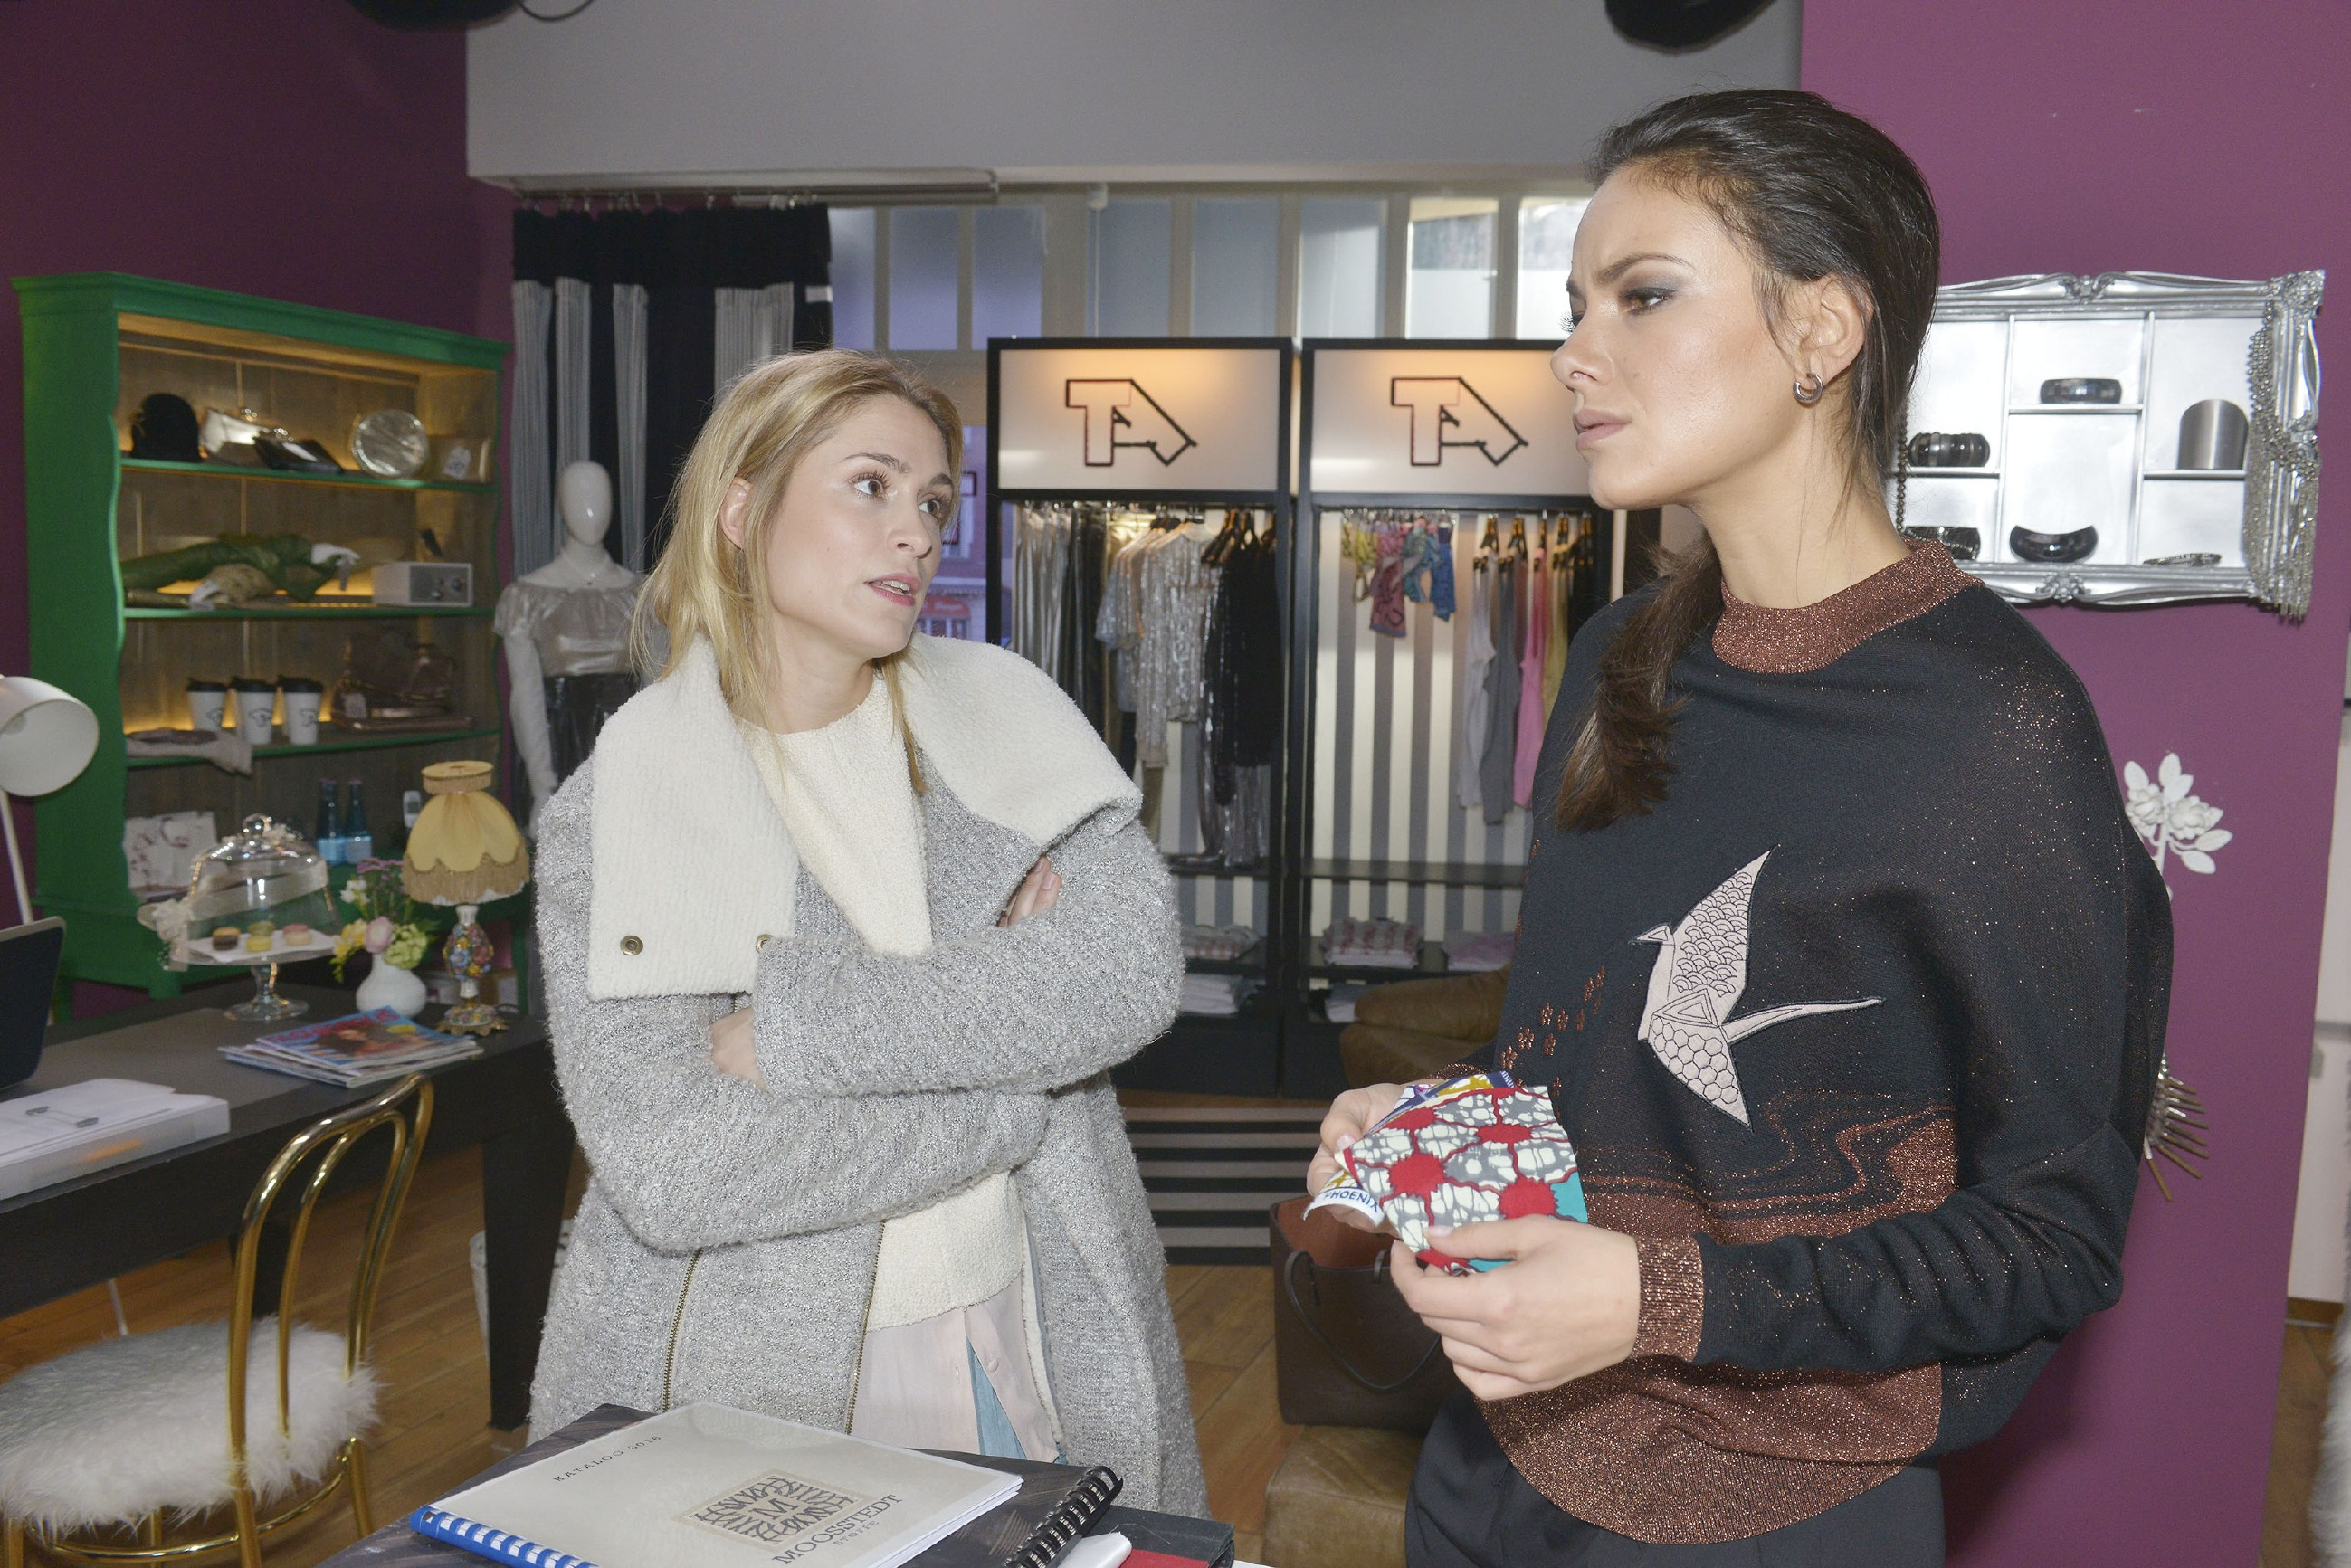 Jasmin (Janina Uhse, r.) überlegt mit Sophie (Lea Marlen Woitack), wie sie Katrin auf andere Gedanken bringen könnte.